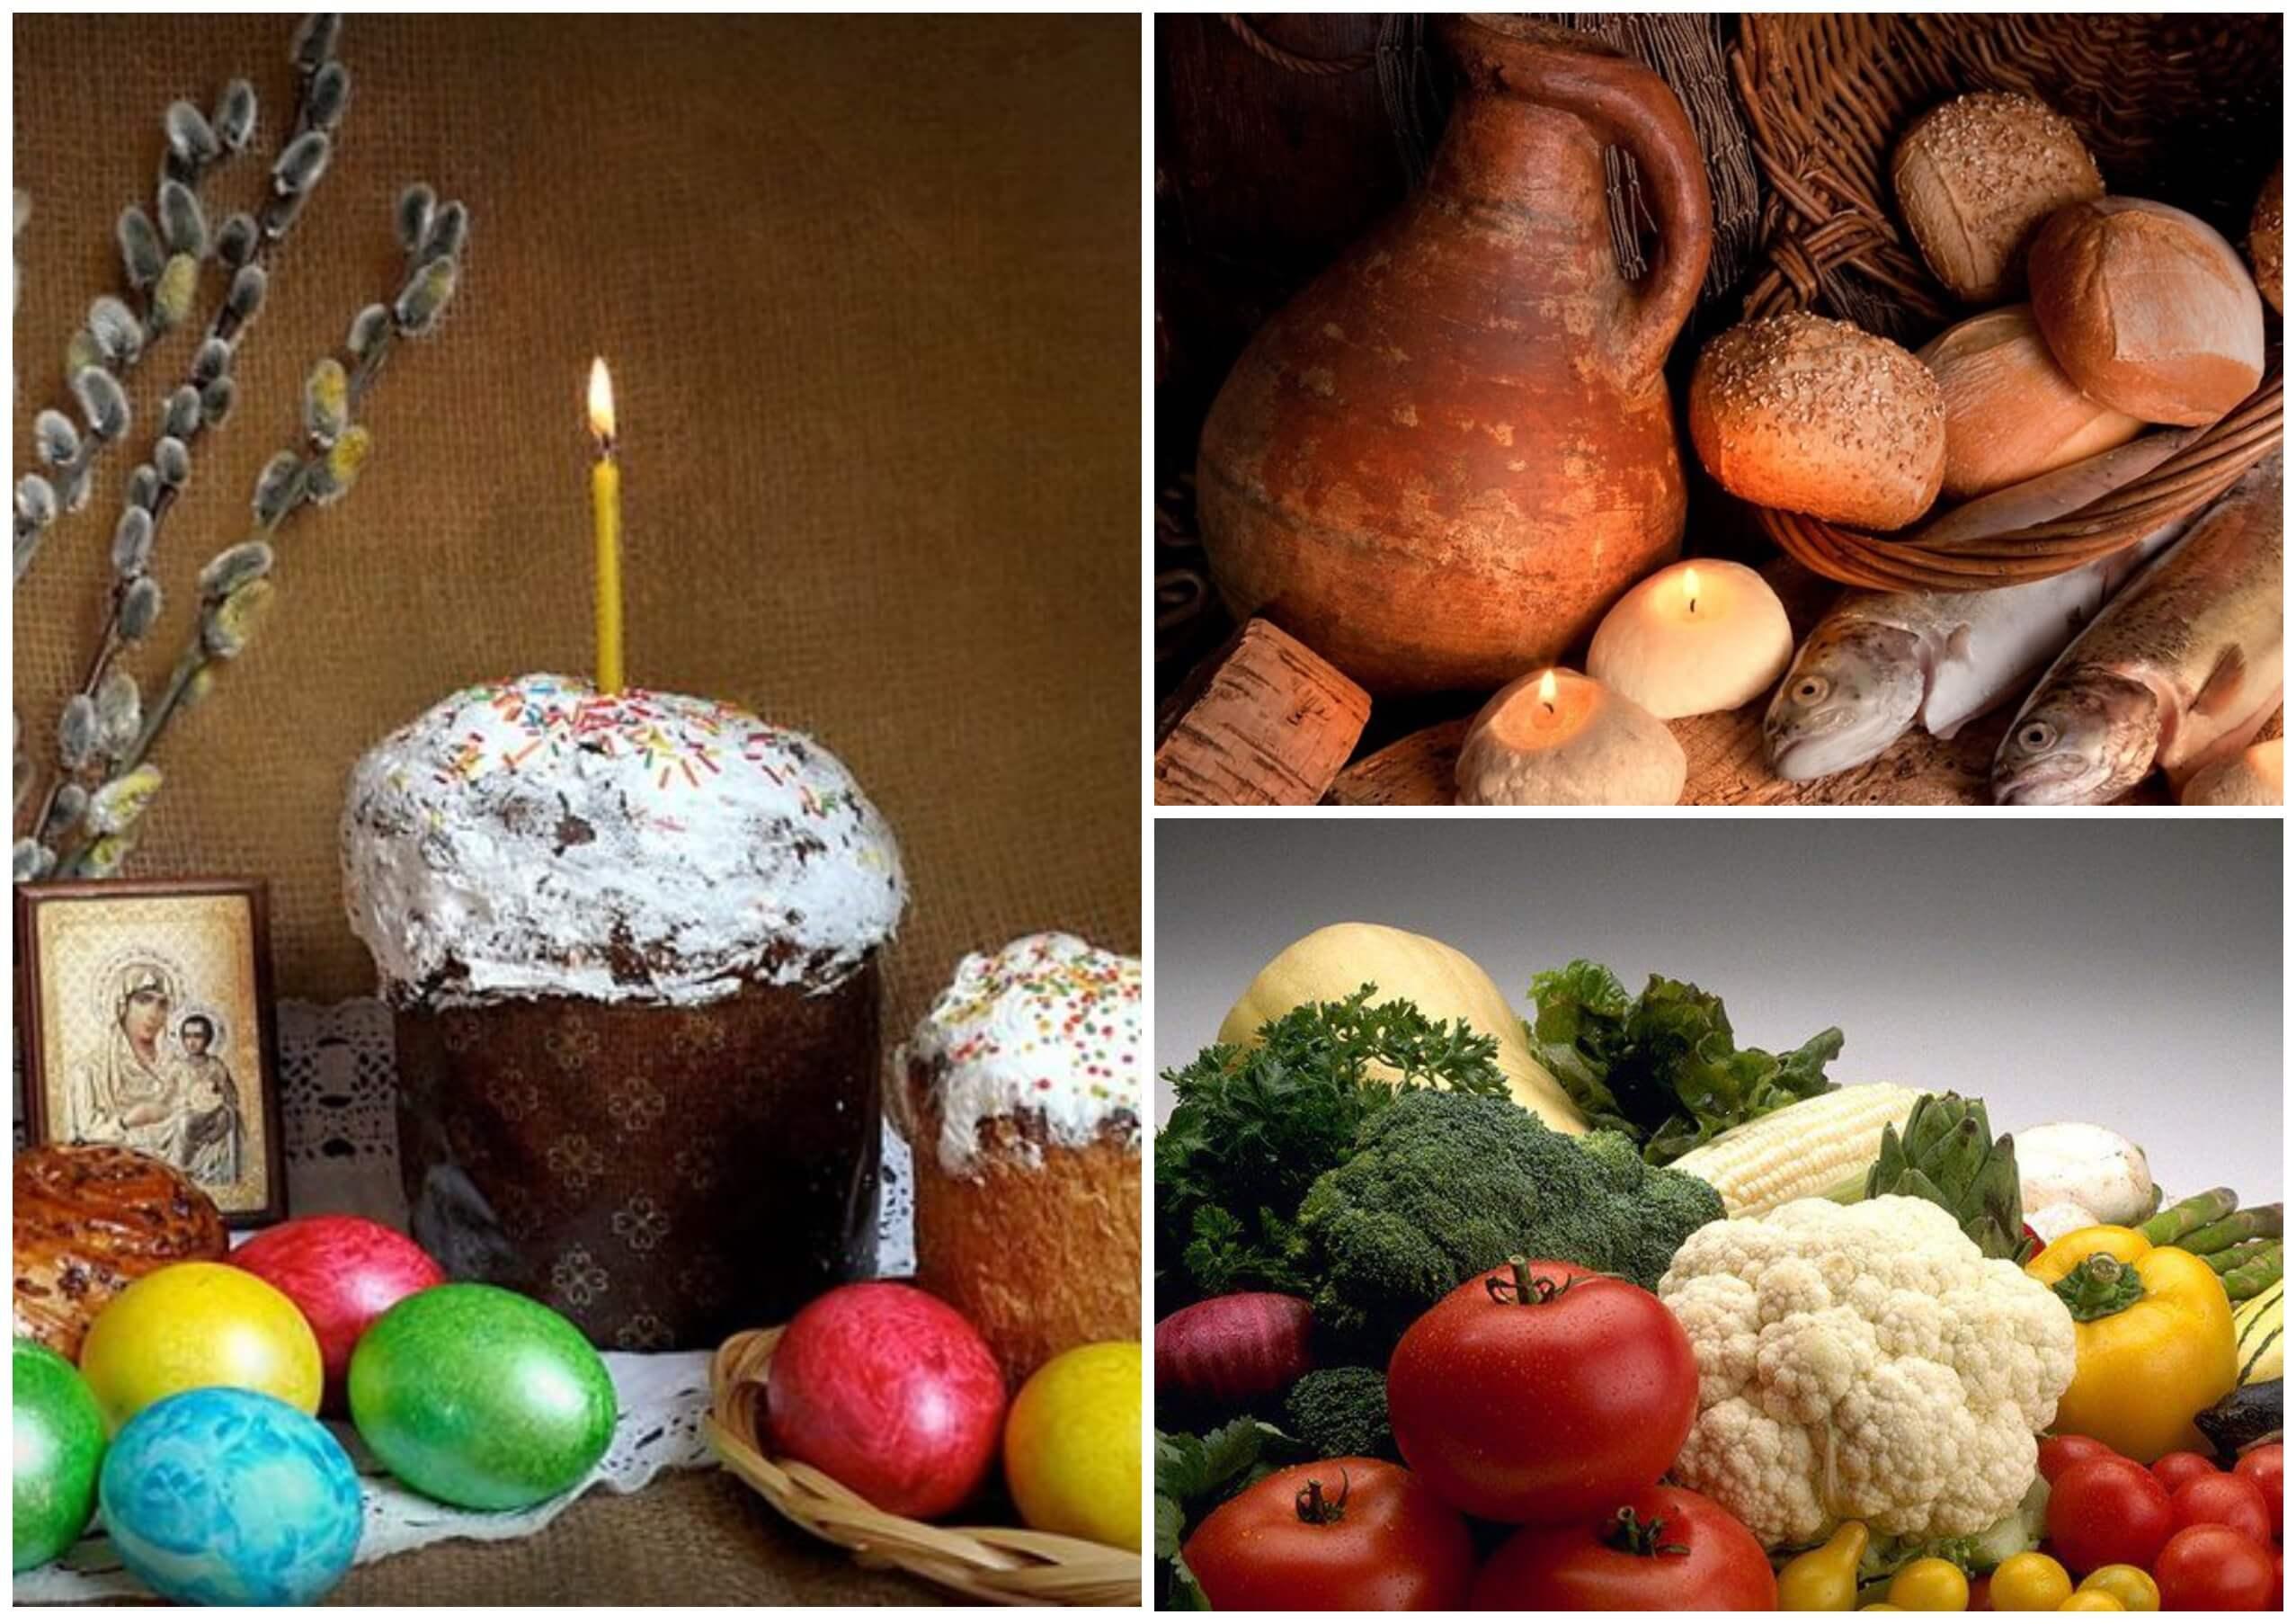 На фото изображены постная пища и пасха со свечей.